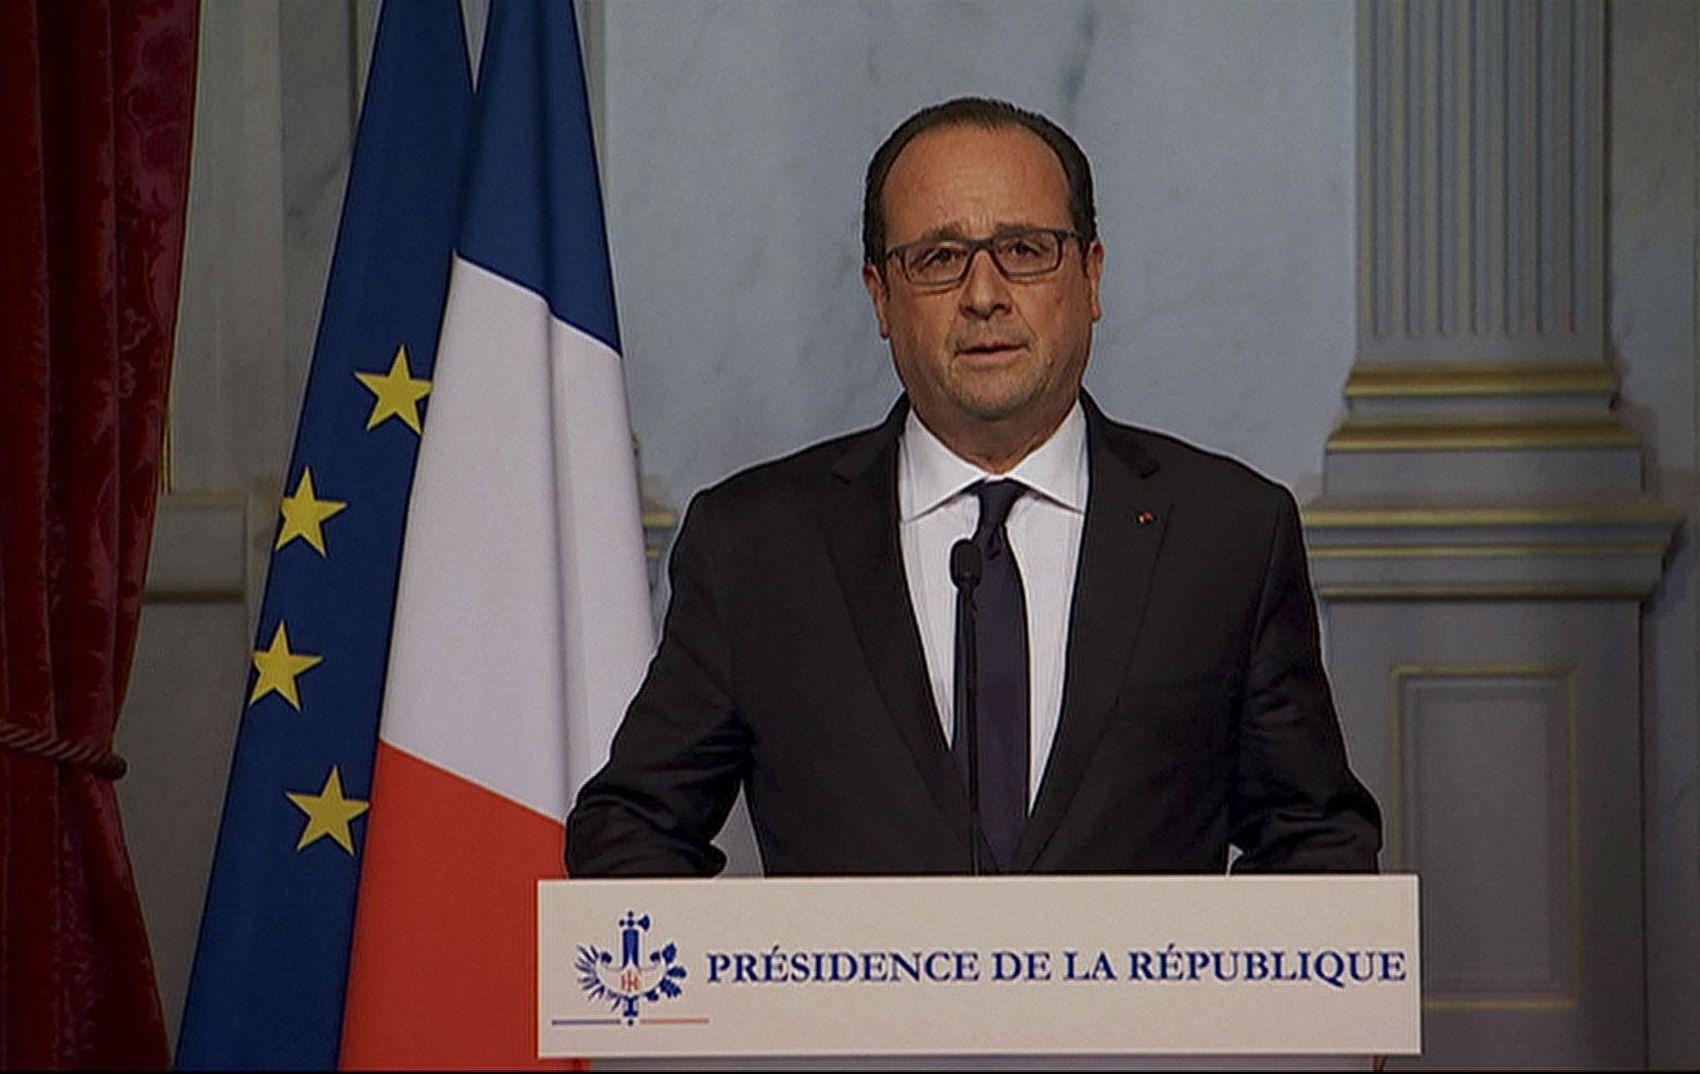 El mandatario francés realizó una conferencia de prensa para condenar los atentados. (NA)